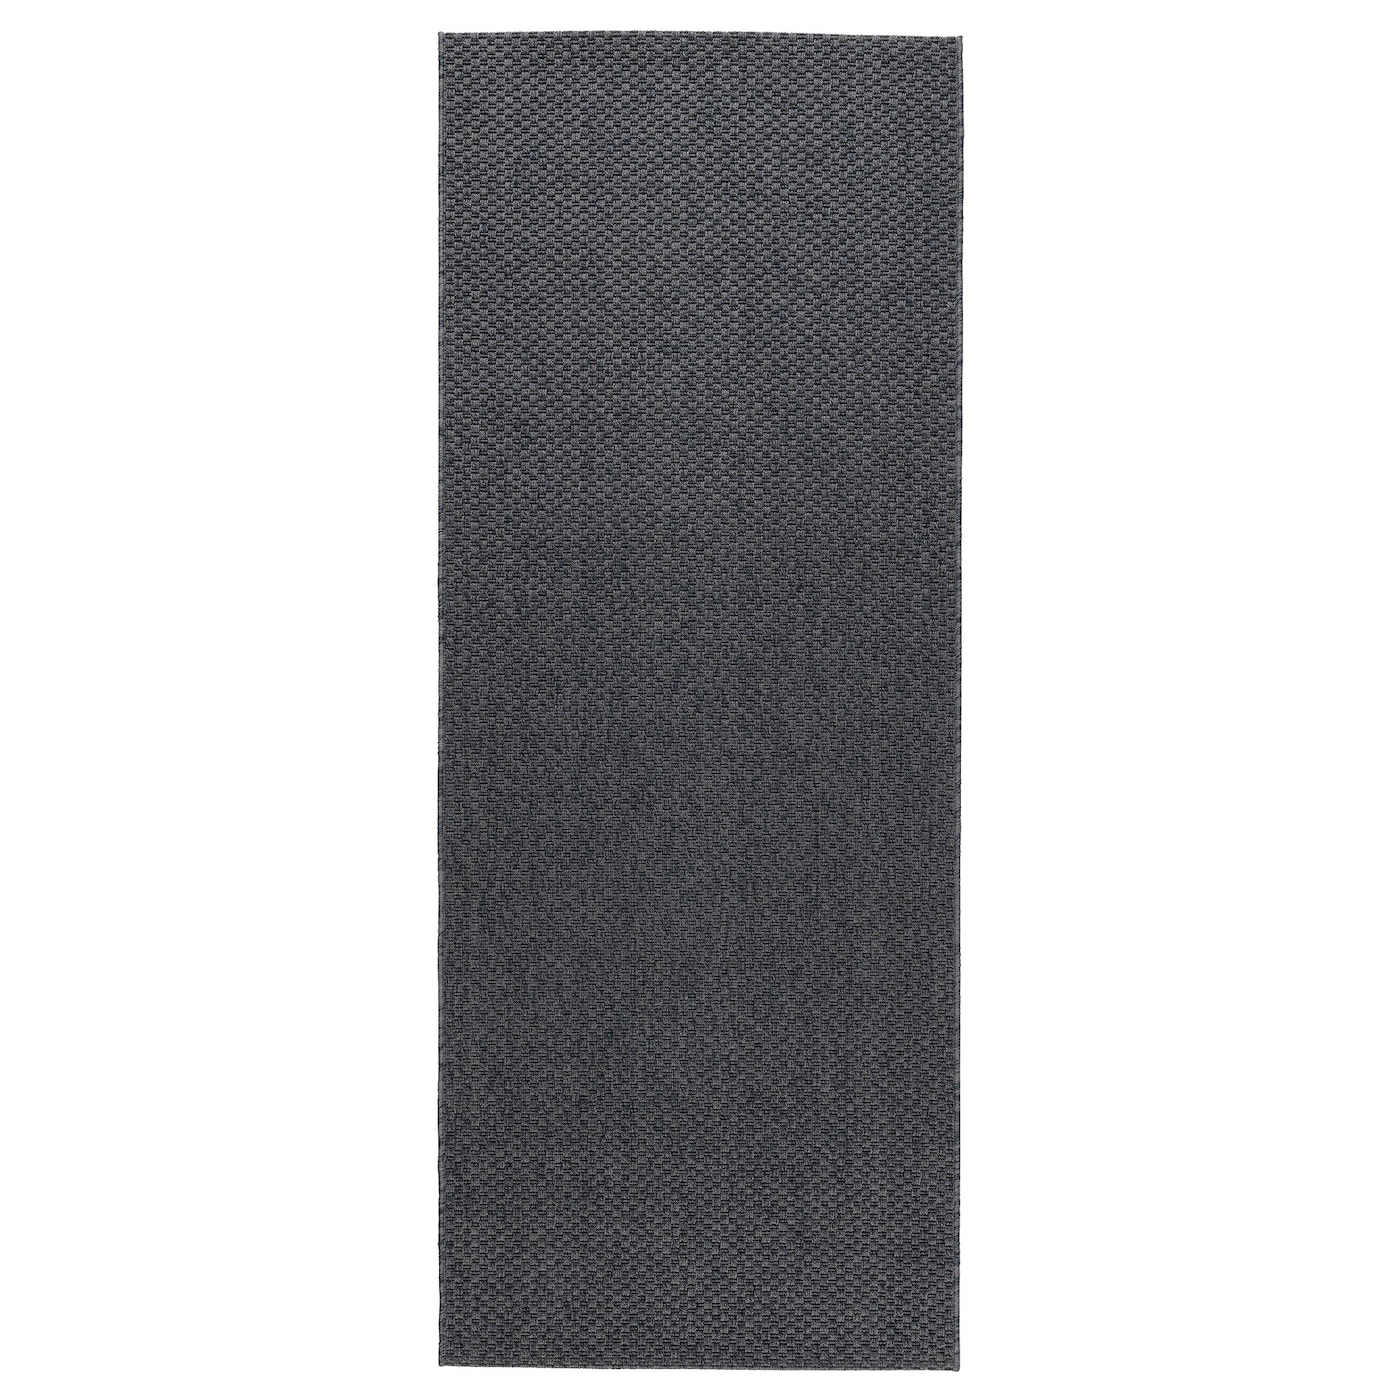 tapis d 39 ext rieur textiles d 39 ext rieur ikea. Black Bedroom Furniture Sets. Home Design Ideas